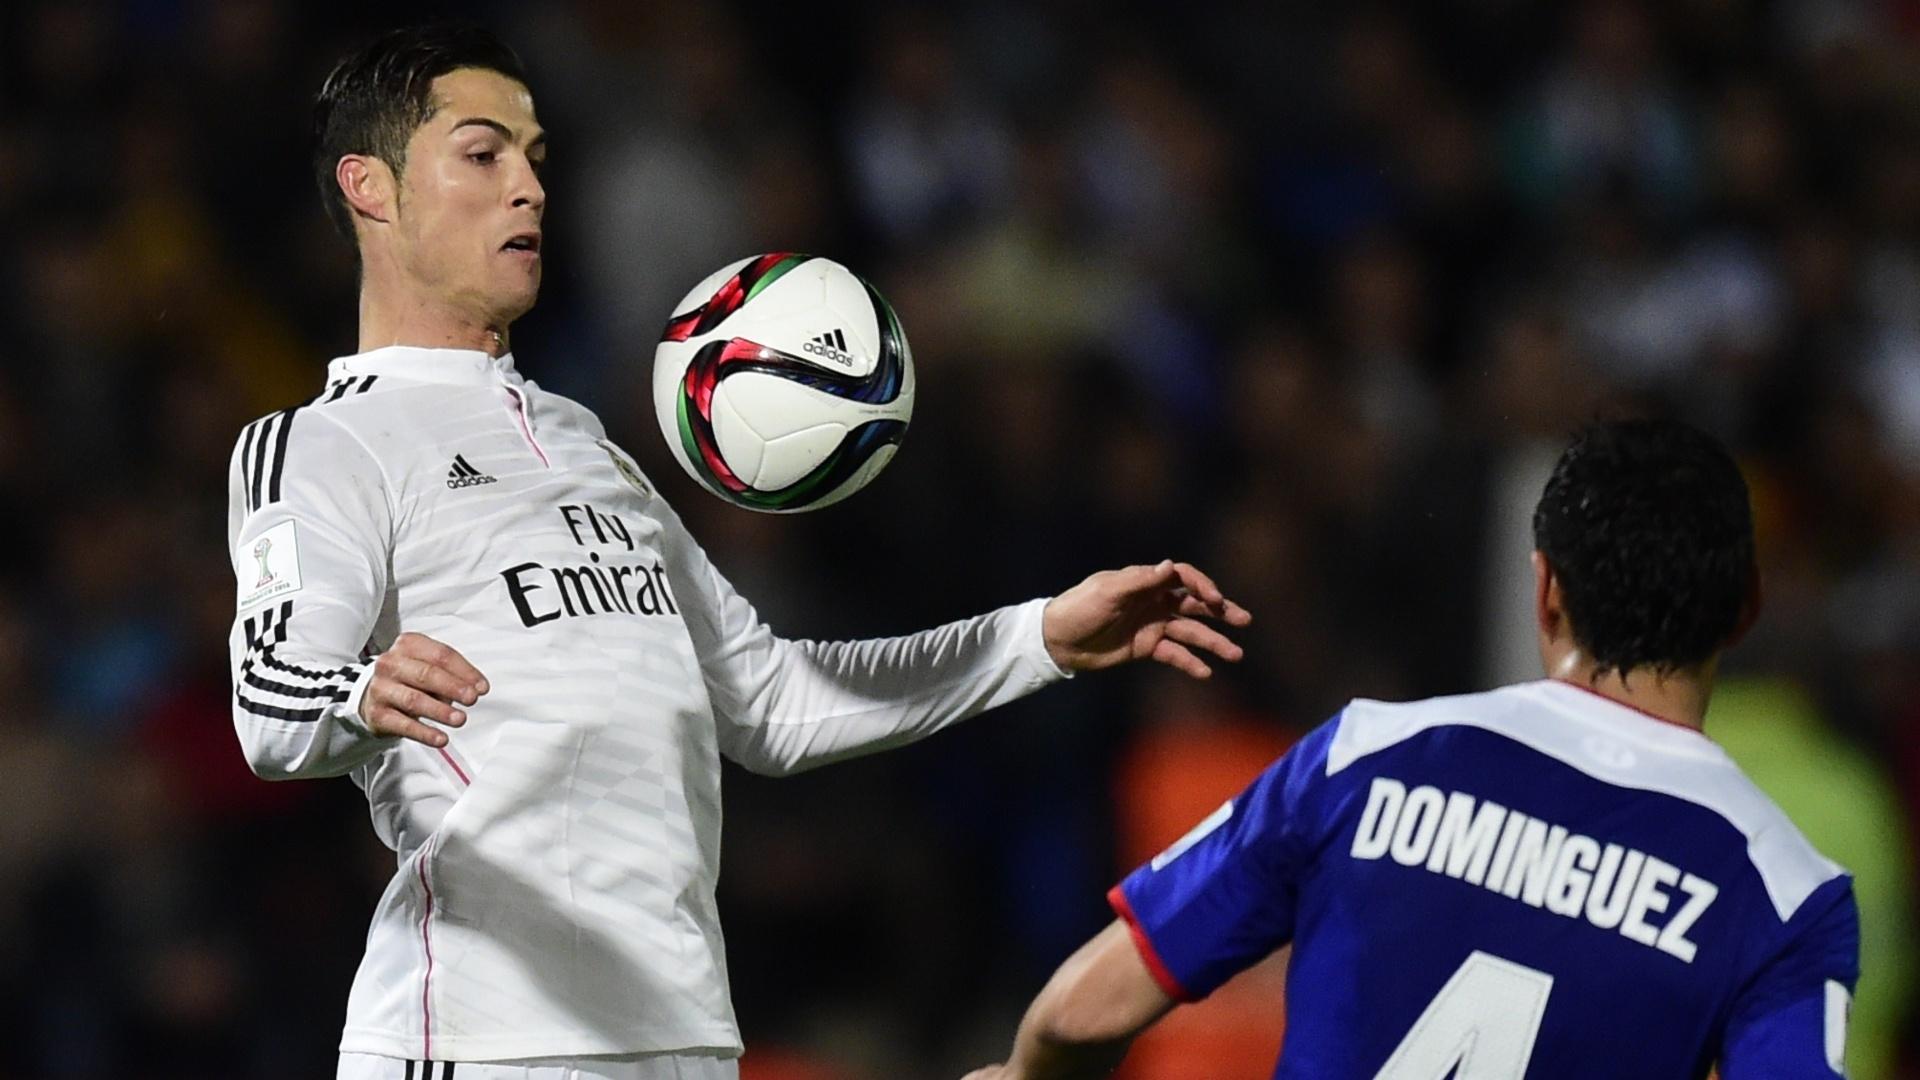 Observado por Dominguez, Cristiano Ronaldo domina a bola no peito durante a semifinal do Mundial de Clubes